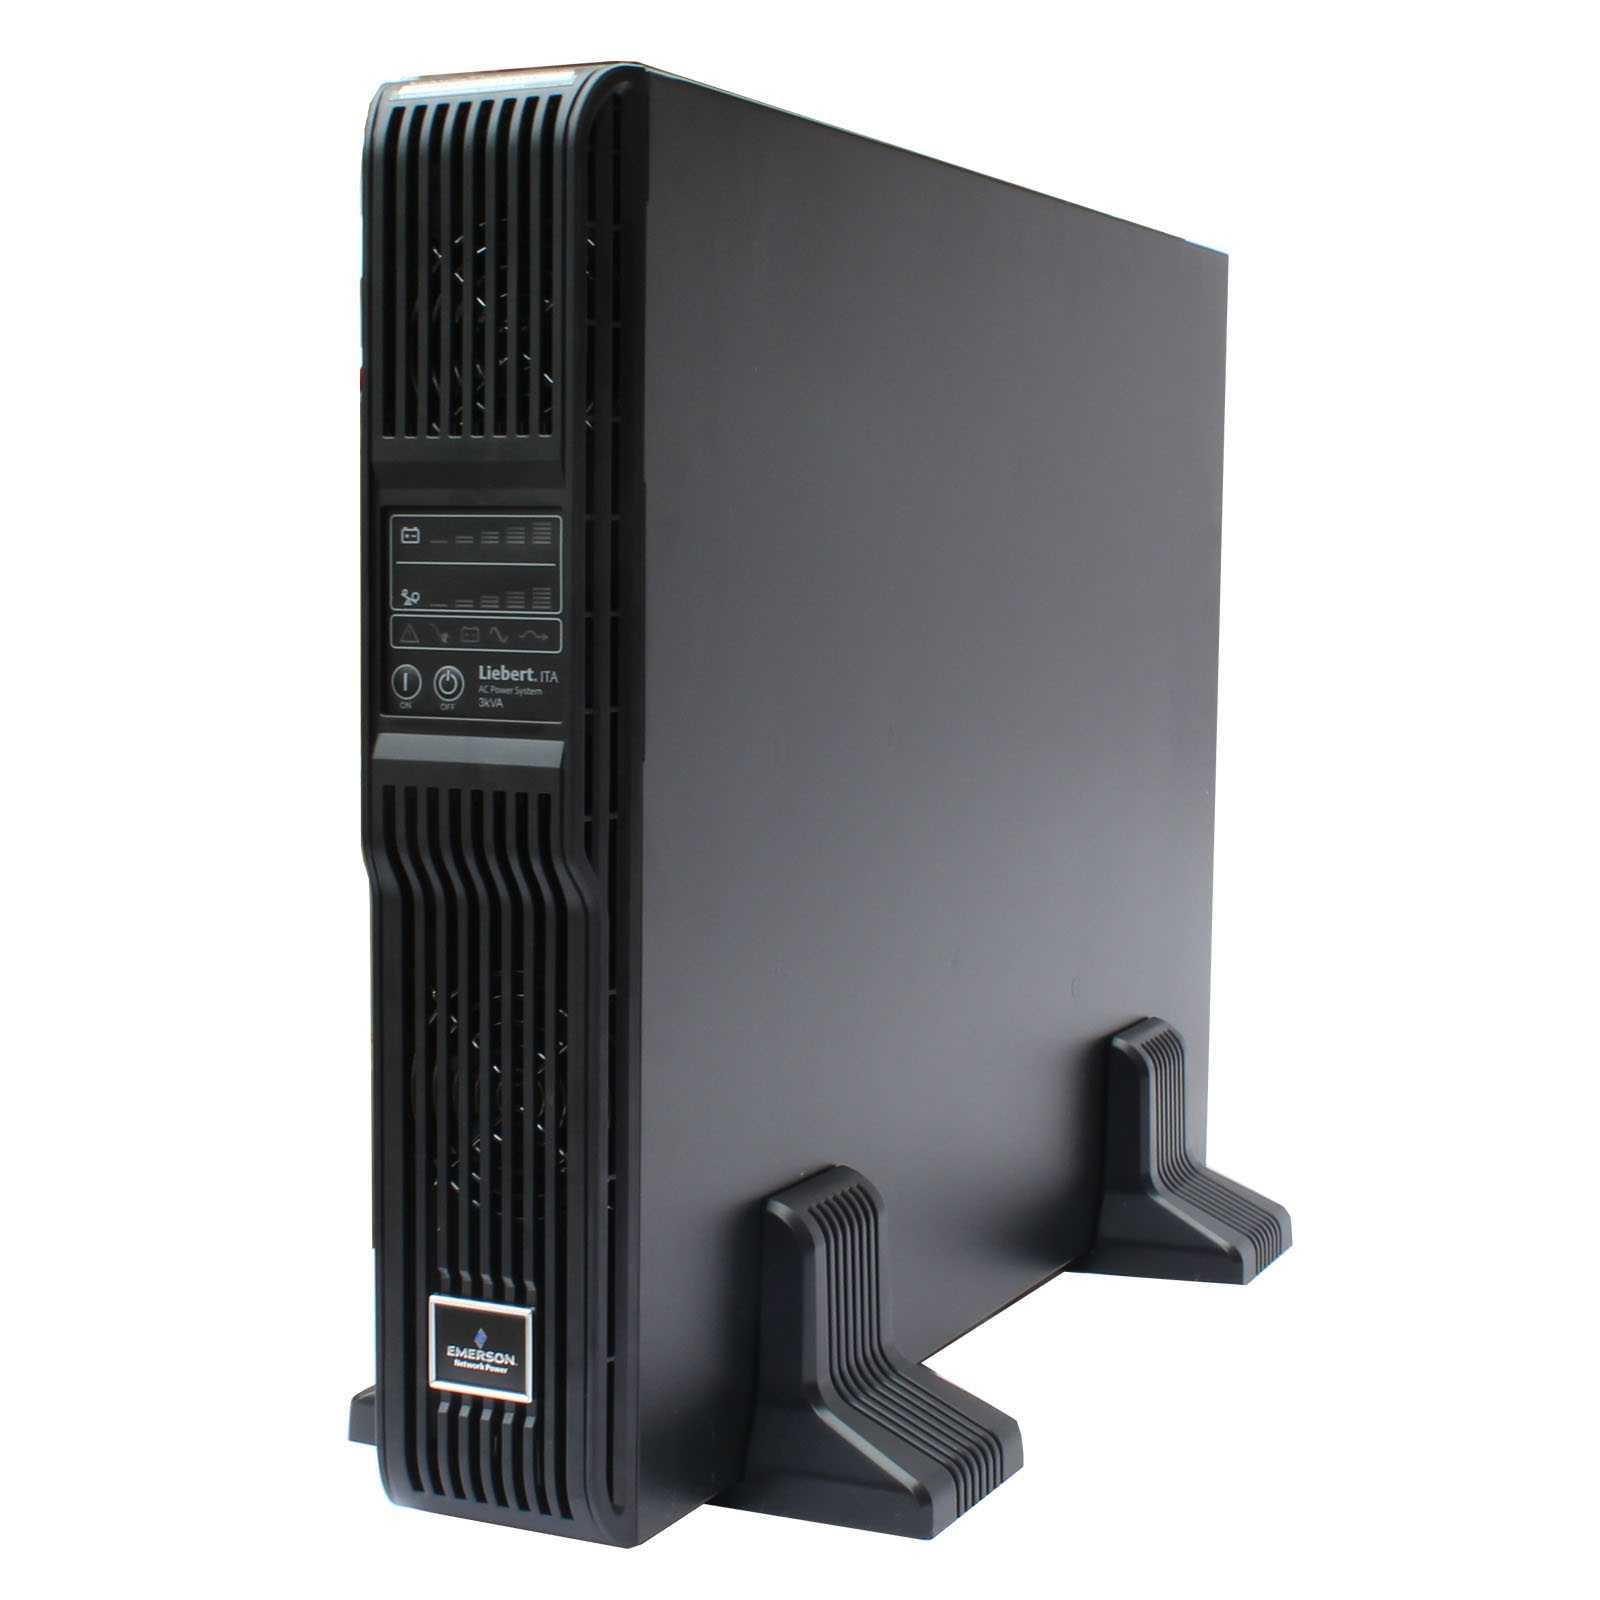 德州艾默生UPS配置凯普锐蓄电池的选择